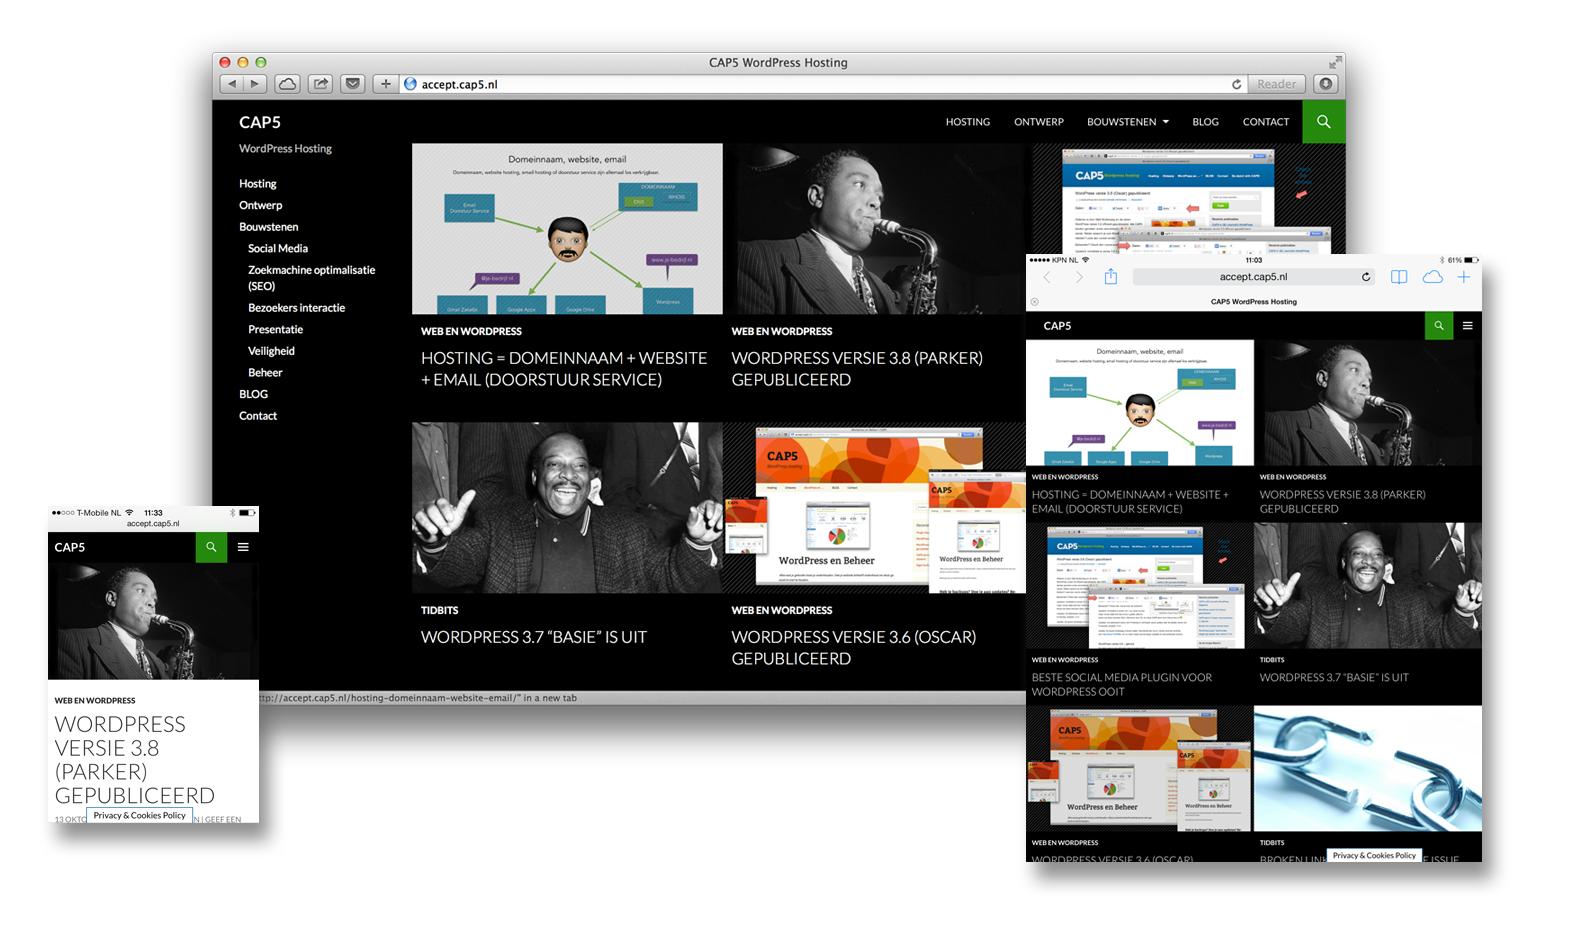 WordPress versie 3.8 (Parker) gepubliceerd